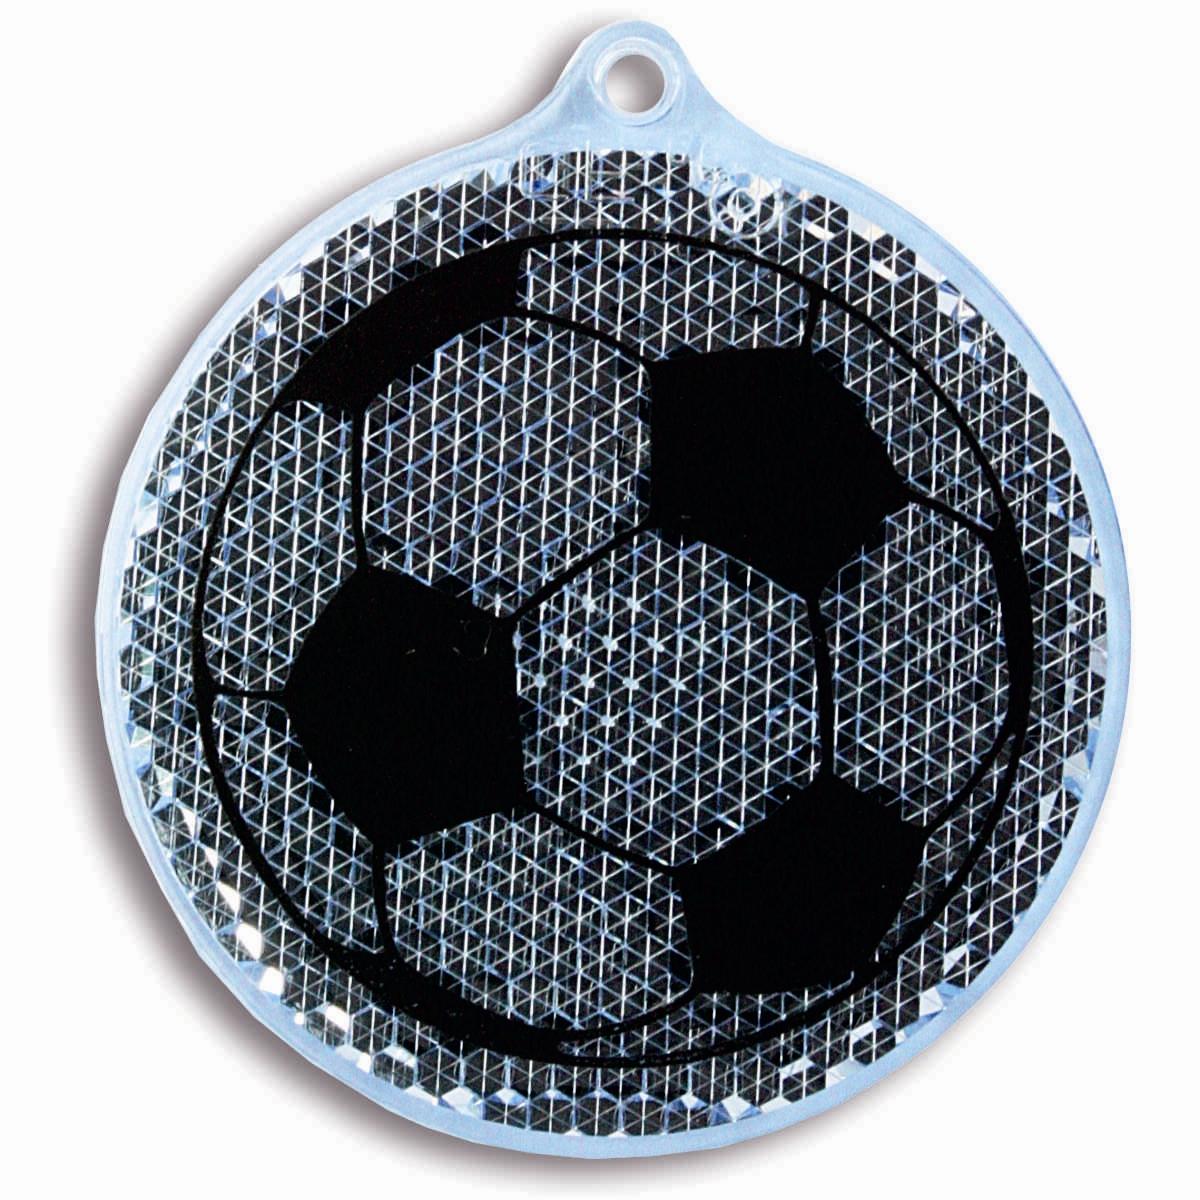 Световозвращатель пешеходный Coreflect Мяч, цвет: синий118702Пешеходный светоотражатель — это серьезное средство безопасности на дороге. Использование светоотражателей позволяет в десятки раз сократить количество ДТП с участием пешеходов в темное время суток. Светоотражатель крепится на одежду и обладает способностью к направленному отражению светового потока. Благодаря такому отражению, водитель может вовремя заметить пешехода в темноте, даже если он стоит или двигается по обочине. А значит, он успеет среагировать и избежит возможного столкновения.